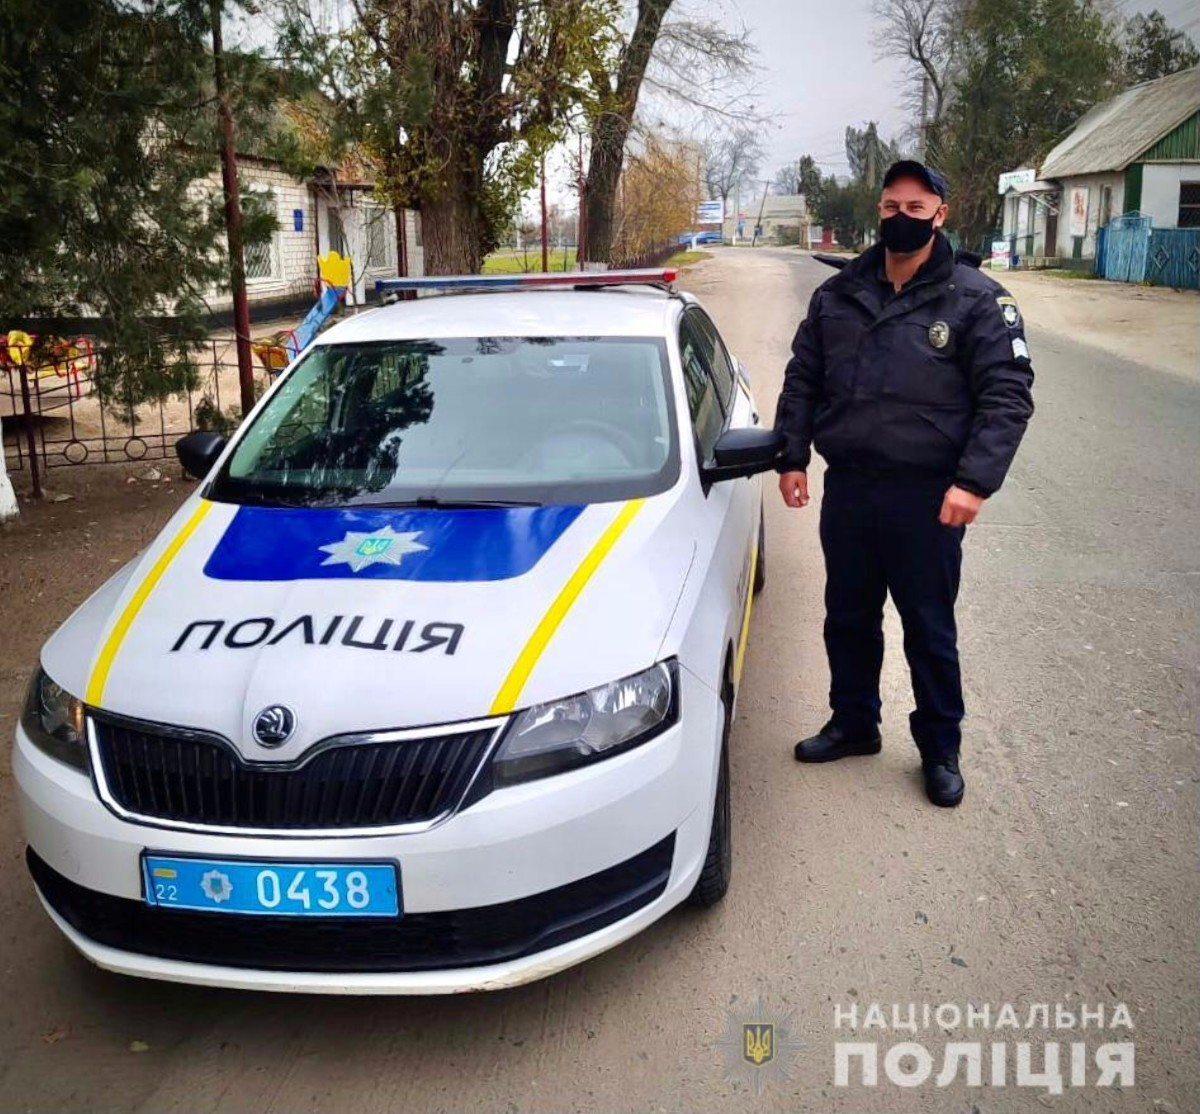 Жительница Херсонщины поблагодарила полицейских за помощь